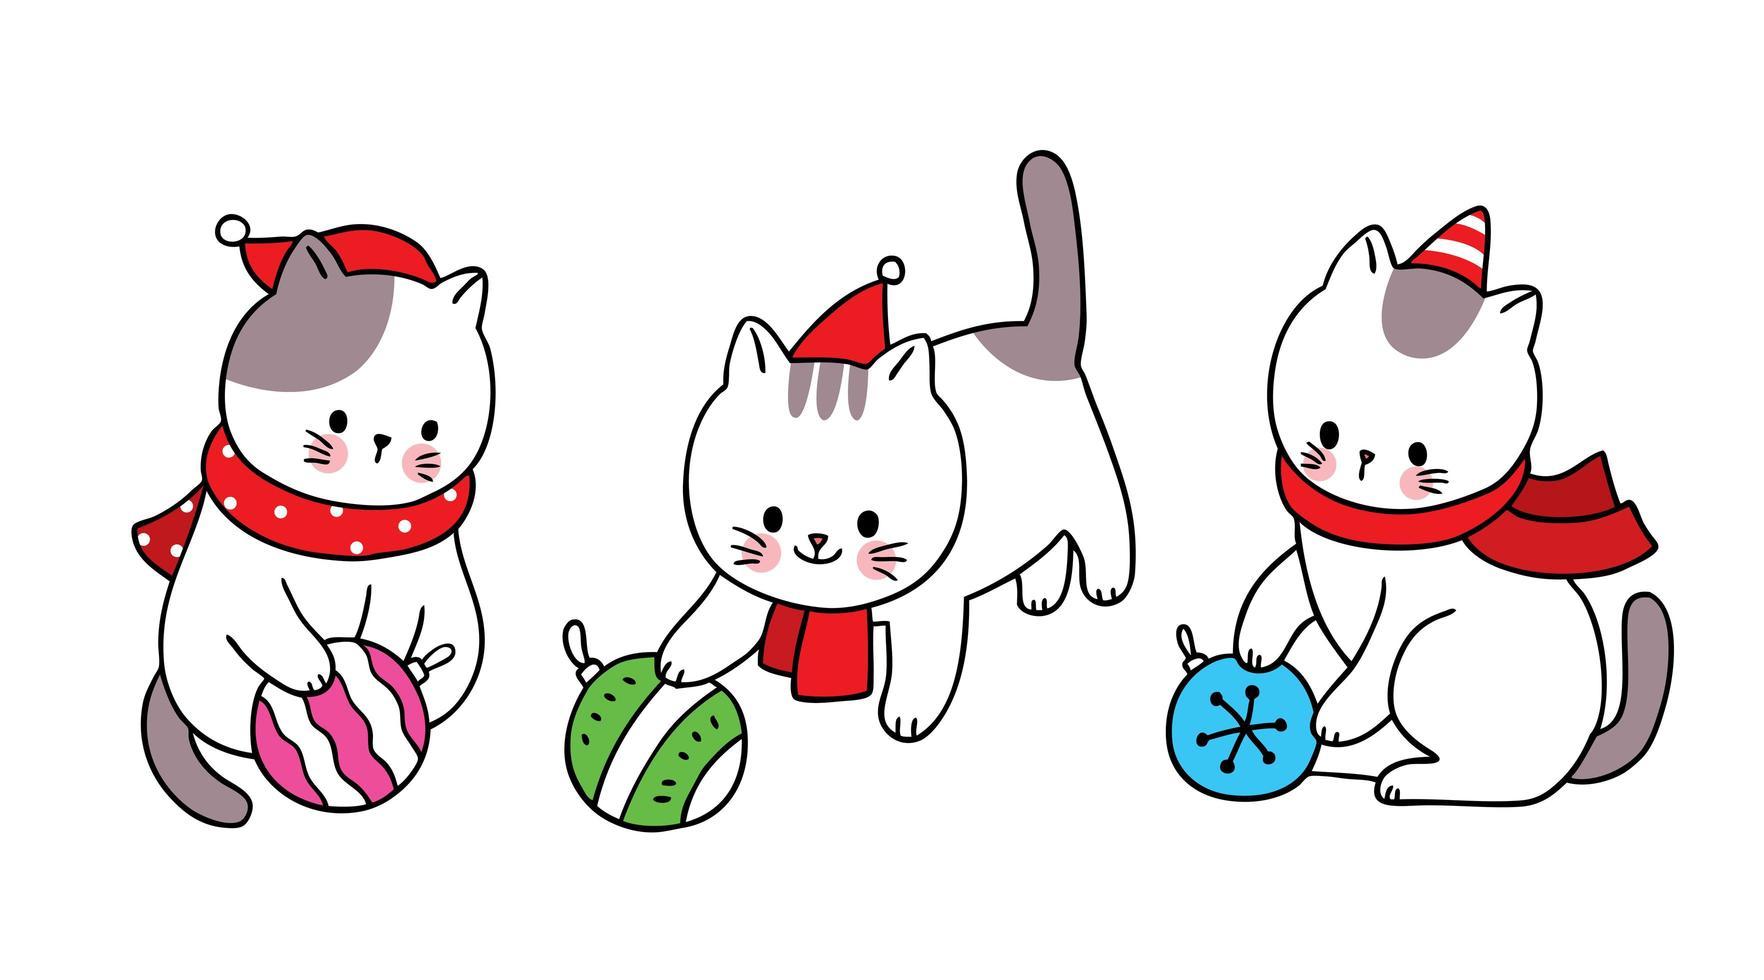 gatos desenhados à mão brincando com enfeites vetor